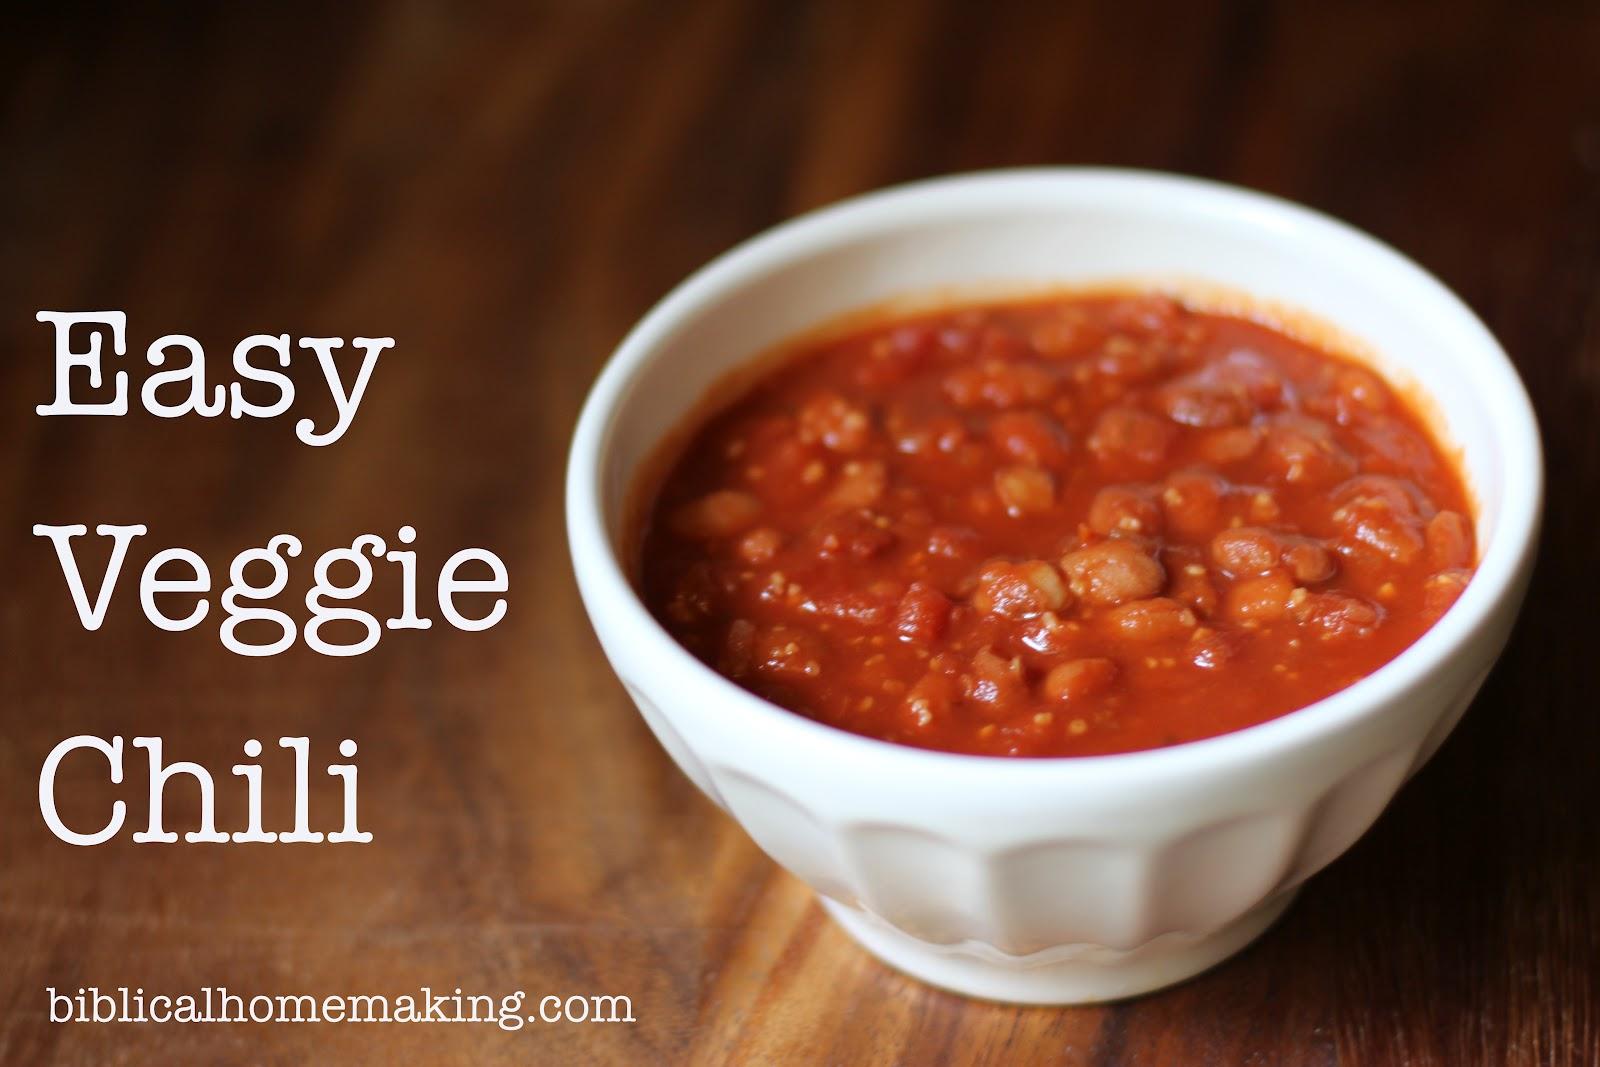 Biblical Homemaking: recipe: quick and easy veggie chili